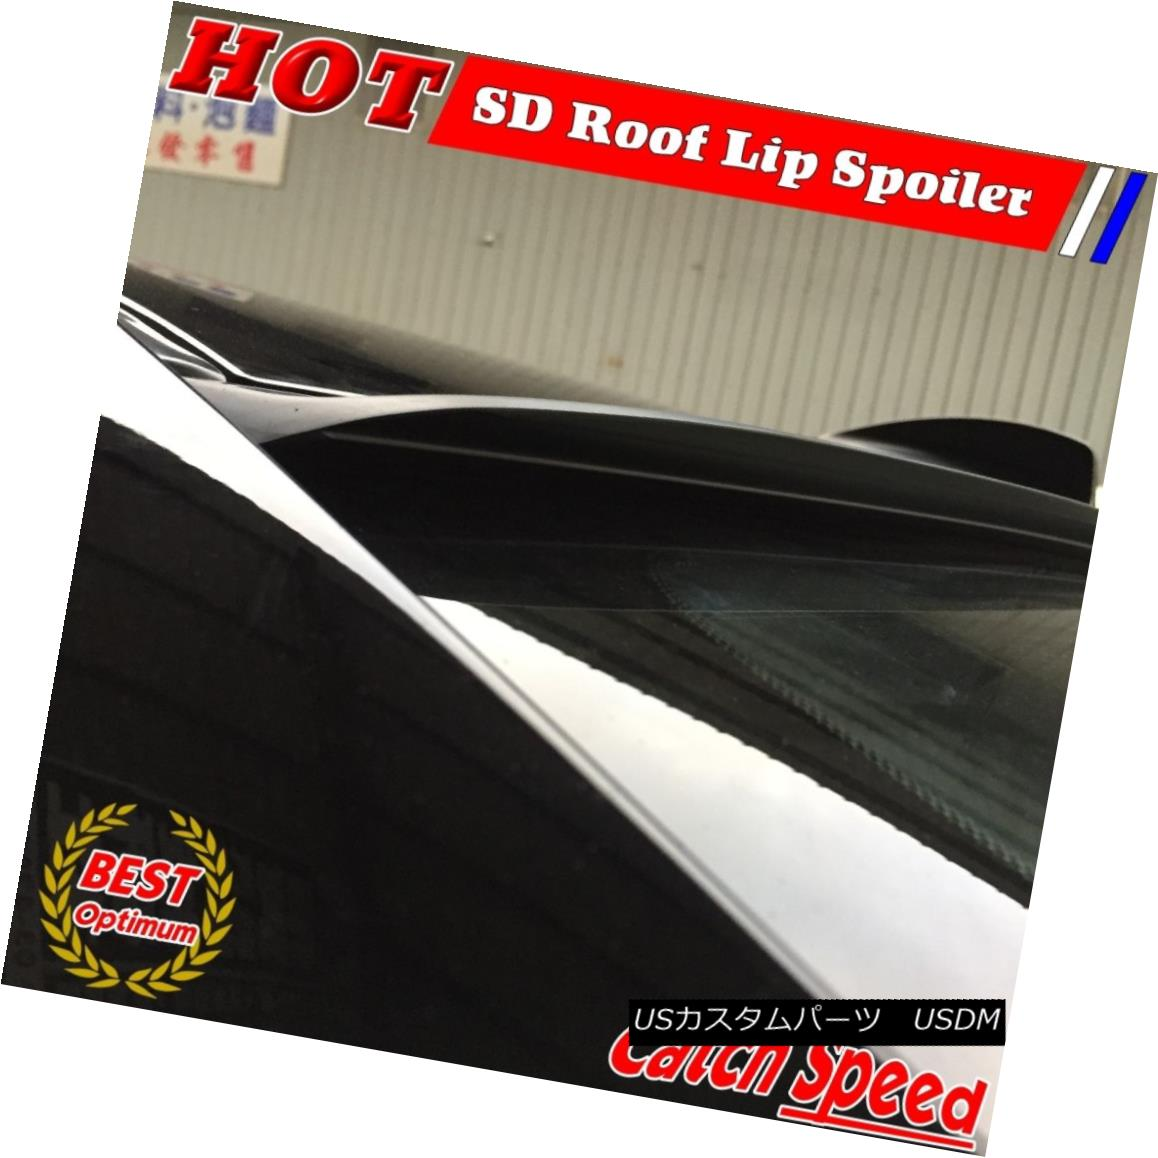 エアロパーツ Flat Black SD Type Rear Roof Spoiler Wing For Honda CIVIC 2001~2005 US Sedan ホンダシビック用フラットブラックSDタイプリアルーフスポイラーウイング2001?2005 USセダン